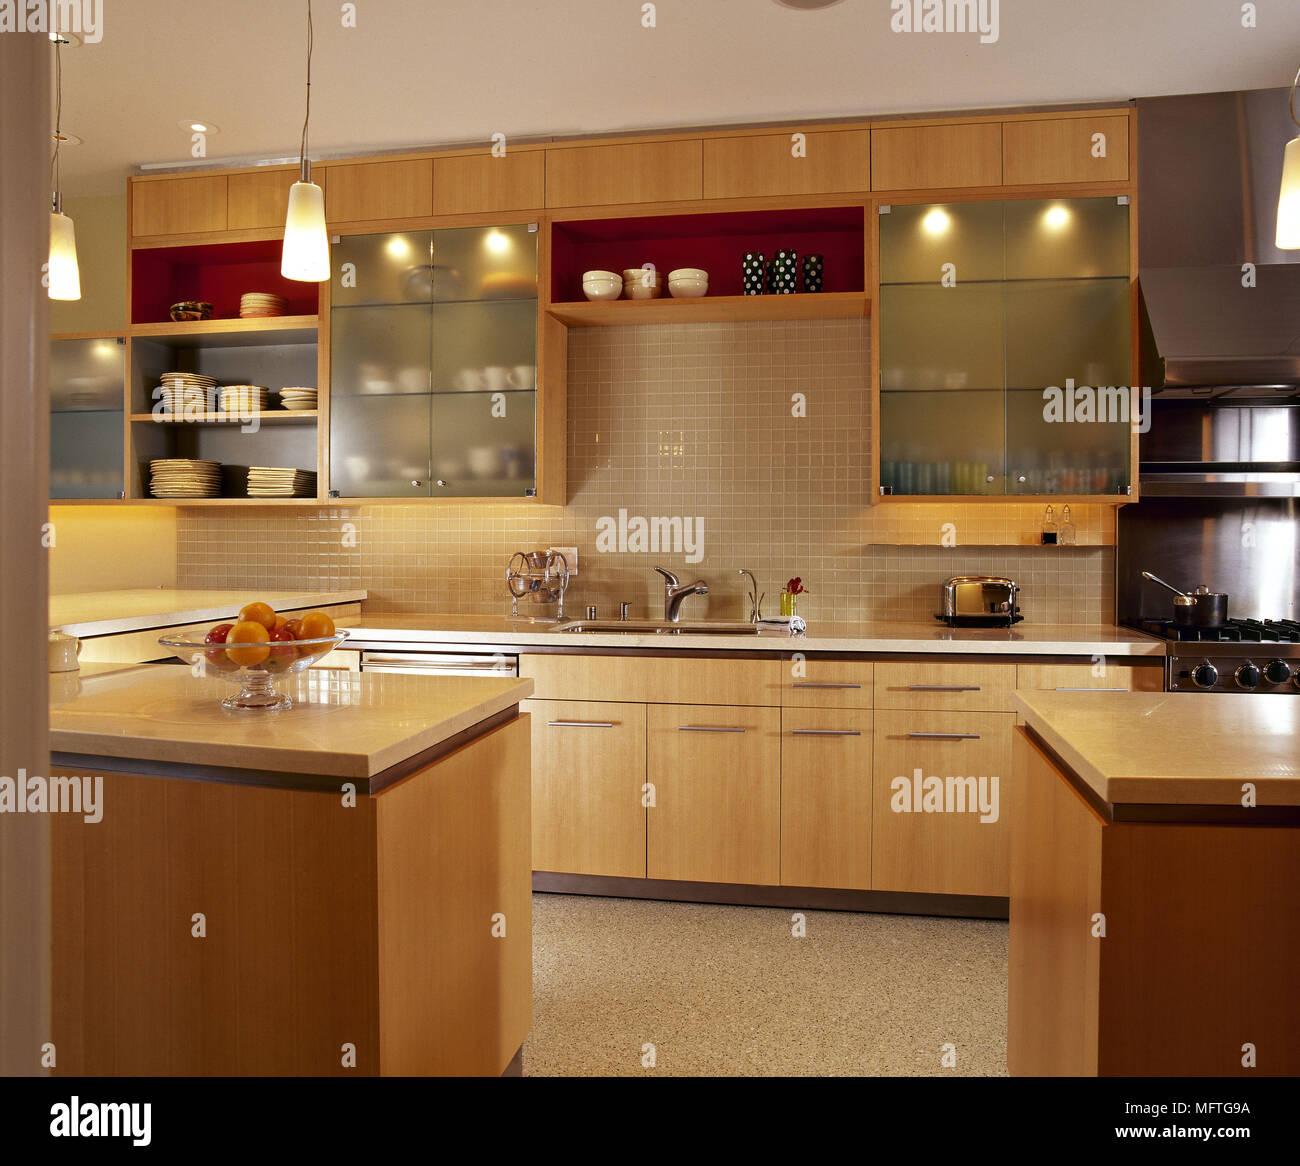 Ou Trouver Des Facades De Cuisine cuisine moderne à la façade de verre unités bois placards